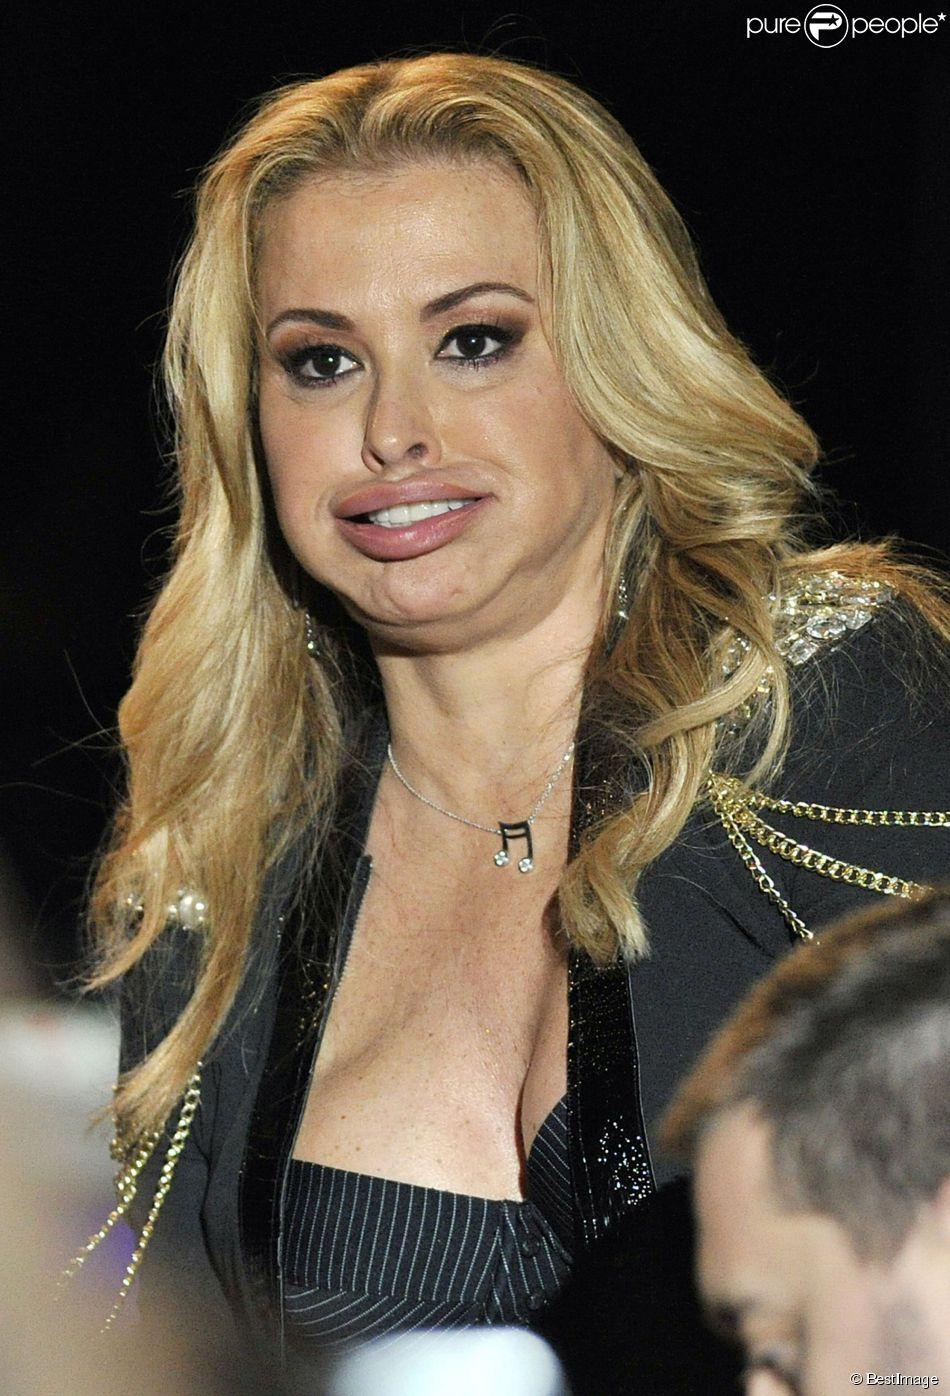 La chanteuse Anastacia victime du tabloïd allemand Bild qui a mal retouché ses photos pour faire croire qu'elle avait abusé du Botox, en concert le 15 janvier à Padoue.